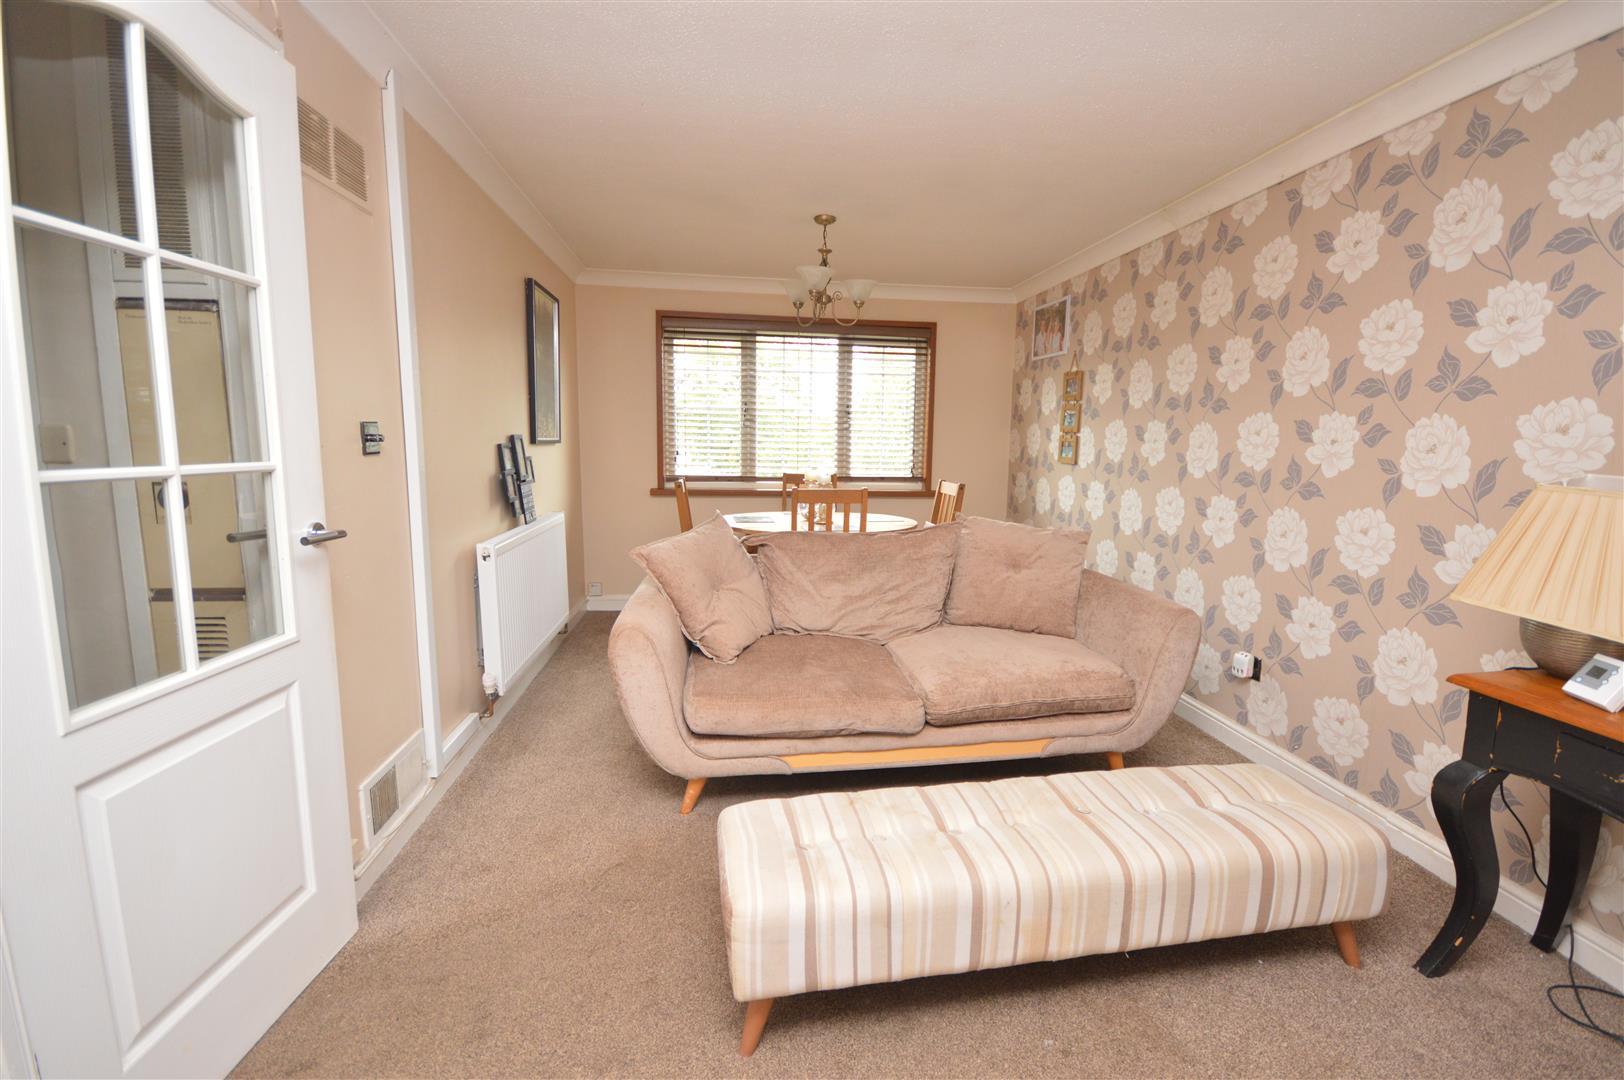 2 Bedroom Maisonette For Sale In Birmingham